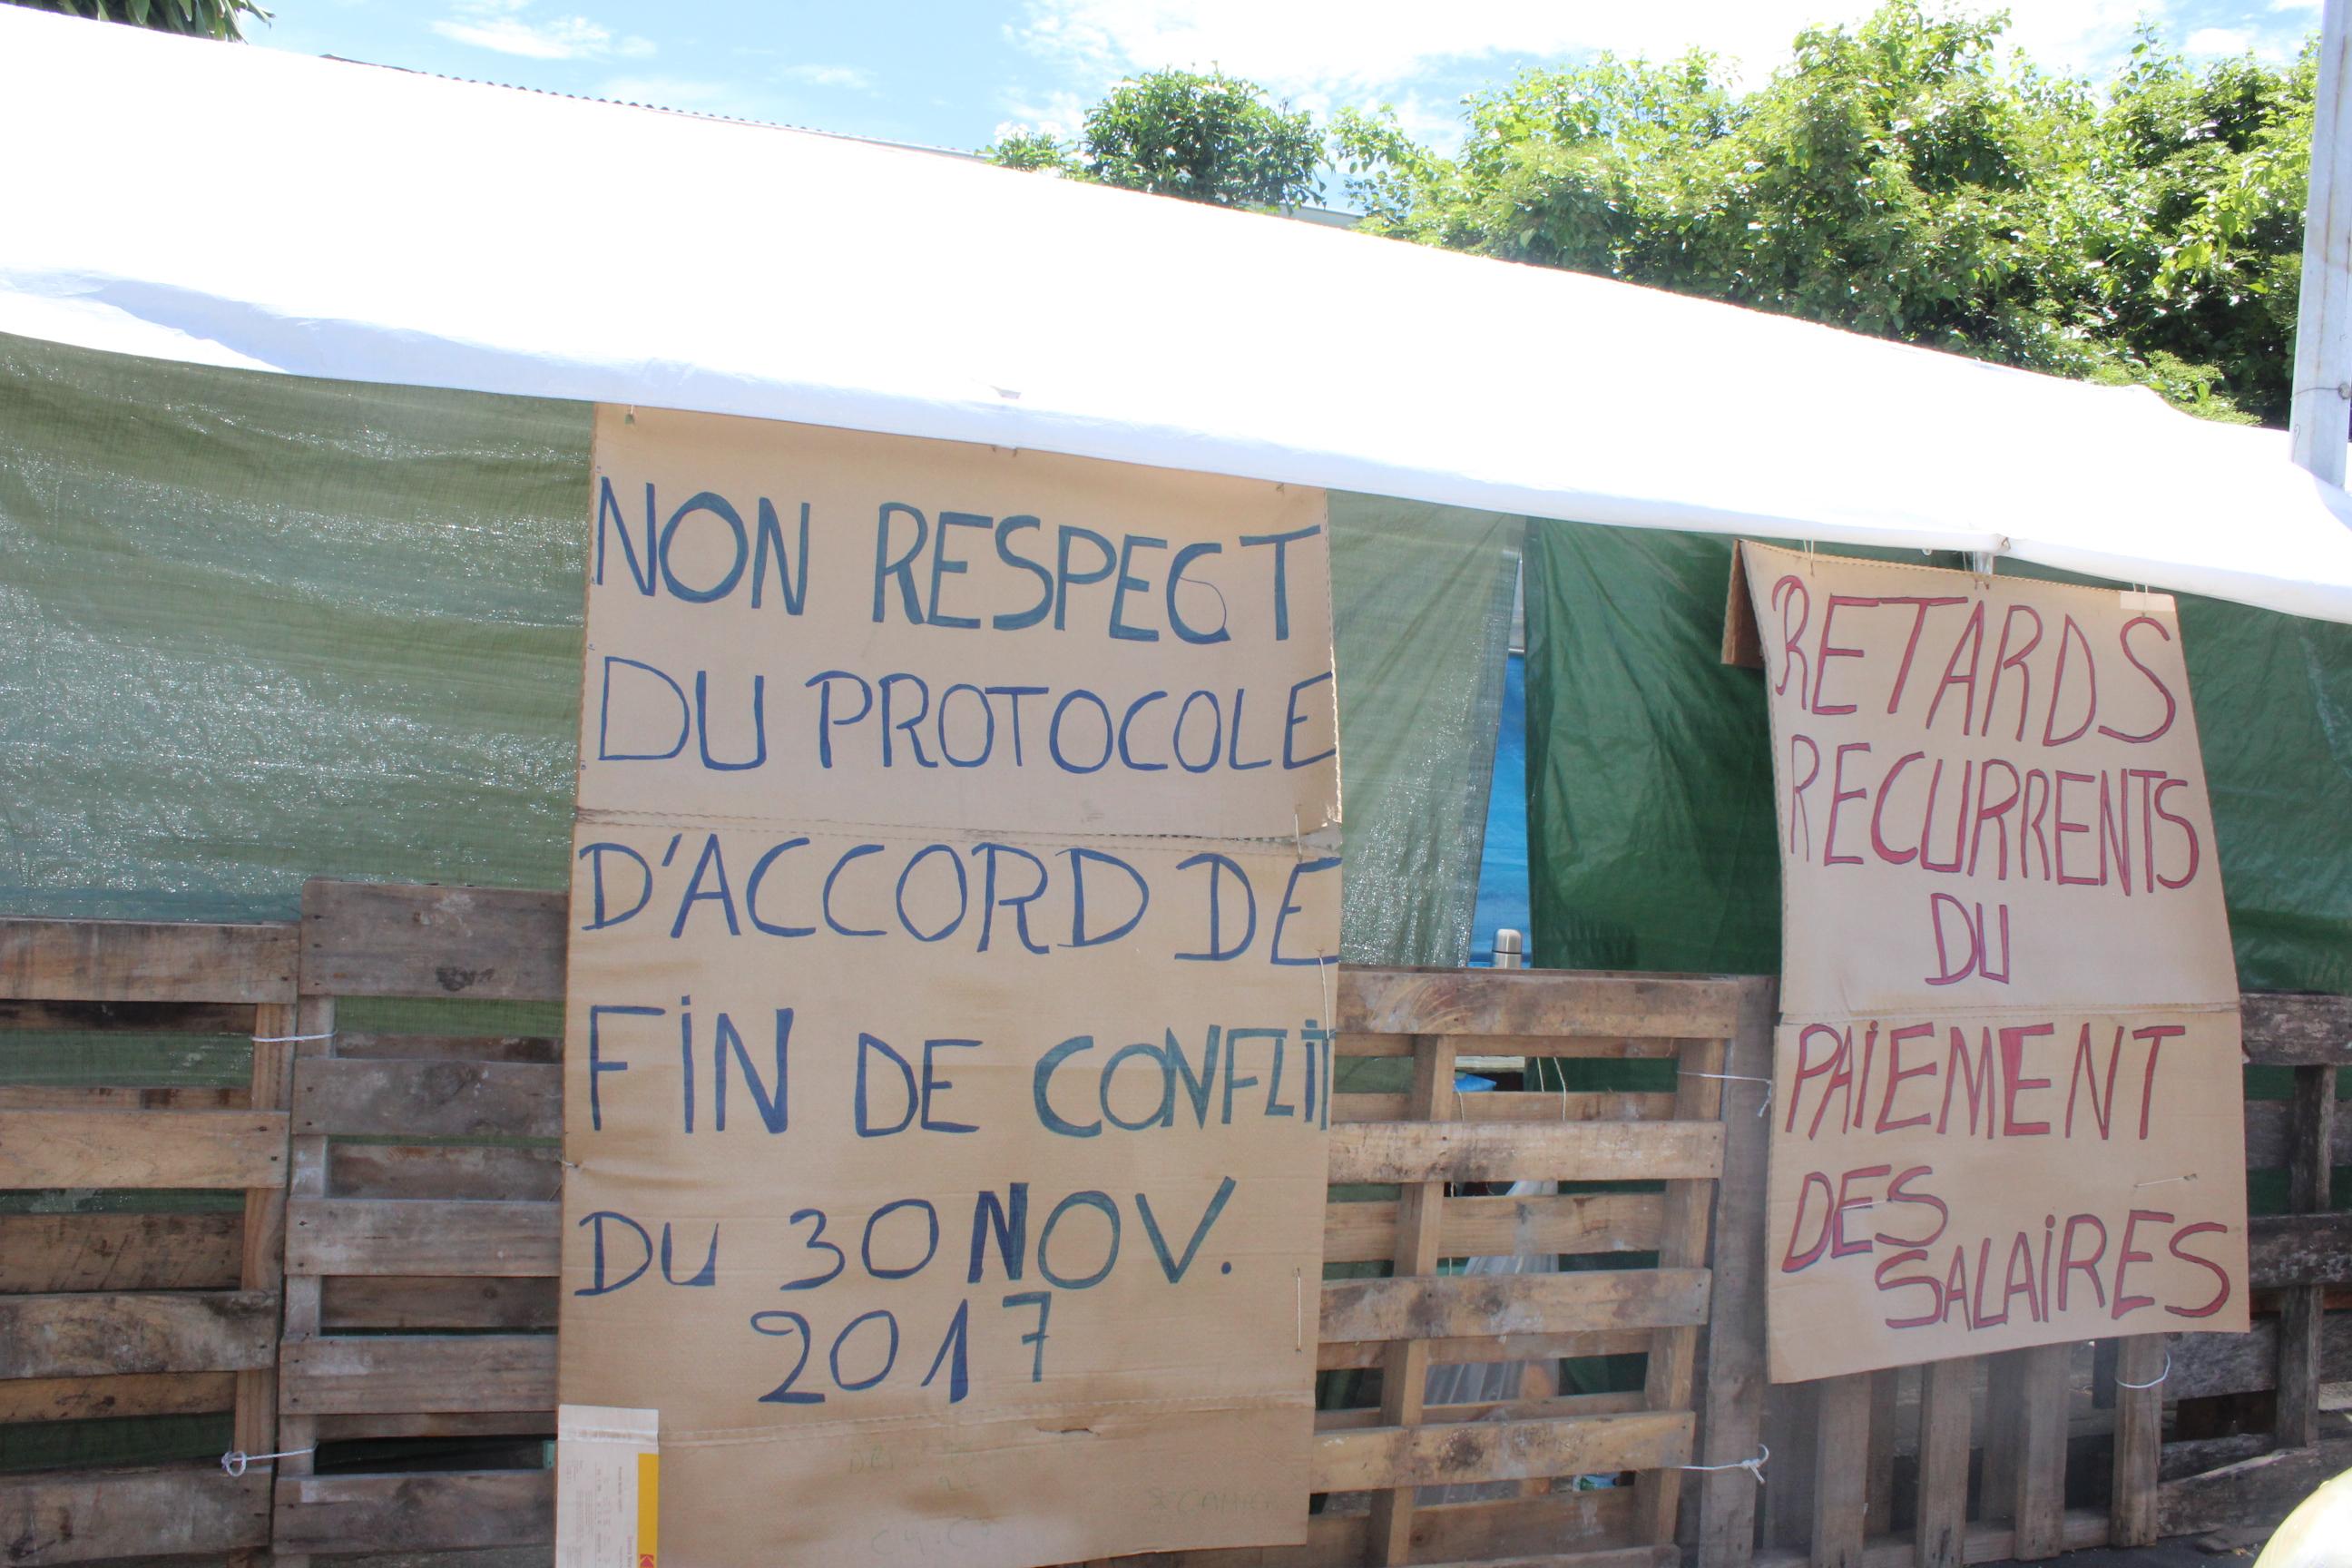 La Dépêche est en grève depuis le 22 février.